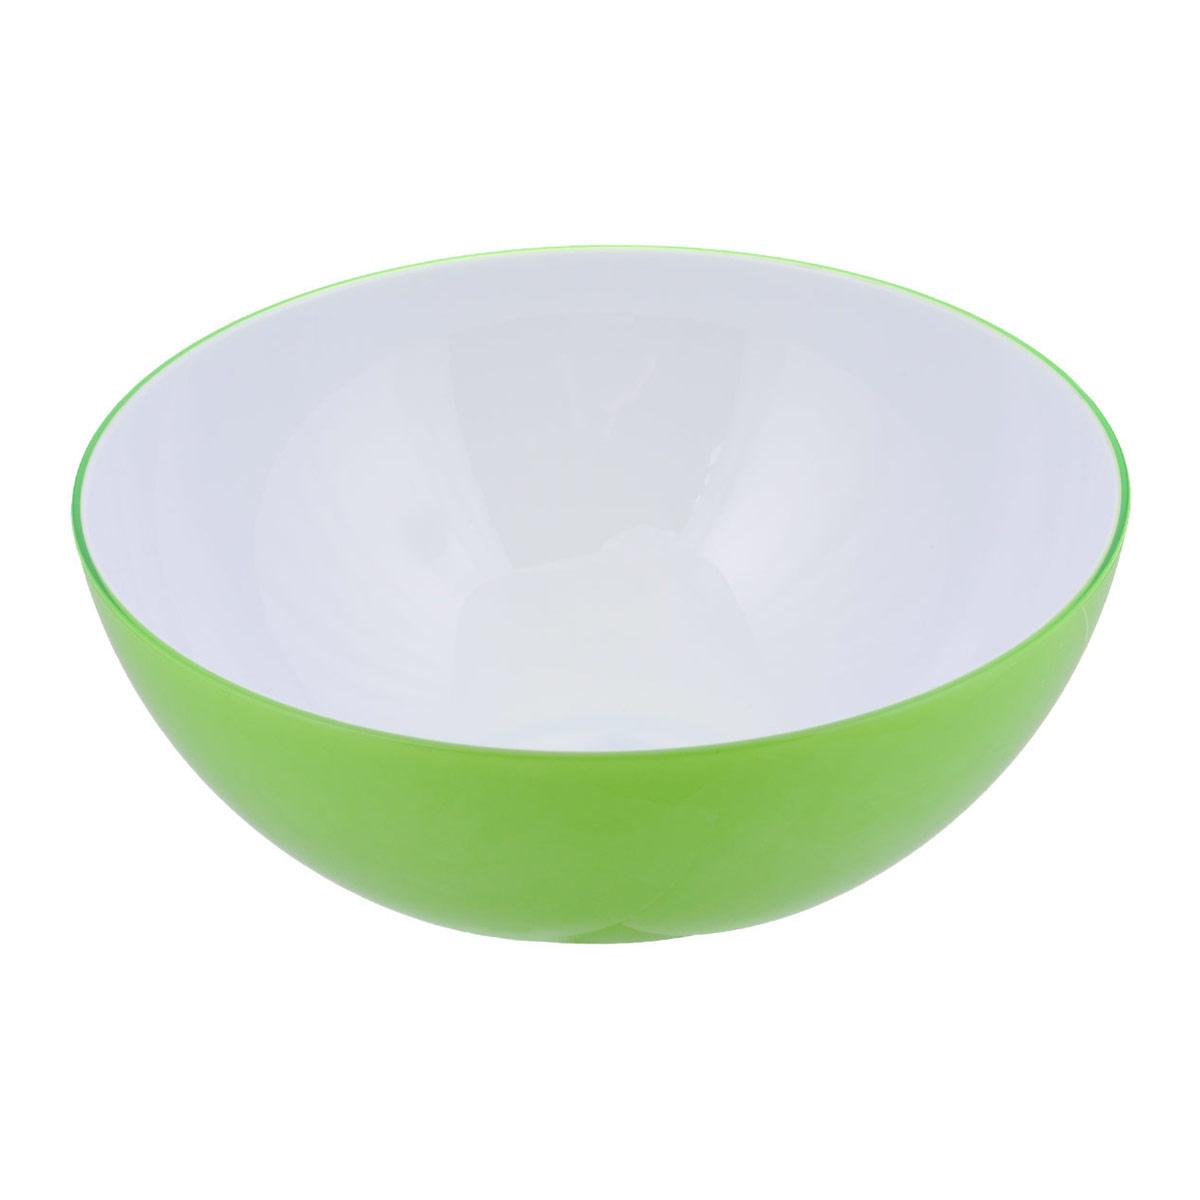 Пиала Bradex, цвет: зеленый, 1,5 лTK 0134Пиала Bradex выполнена из цветного пищевого пластика, устойчивого к действию уксуса, спирта и масел. Пиала прочная и стойкая к царапинам. Благодаря высококачественным материалам она не впитывает запахи и не изменяет вкусовые качества пищи. Идеально подходит как для домашнего использования, так и для пикников. Яркий салатник создаст веселое летнее настроение за вашим столом, будь то домашний обед или завтрак на природе. Пиала настолько легка в уходе, что не отнимет у вас ни секунды лишнего времени, отведенного на послеобеденный отдых.Стильный и функциональный дизайн, легко моется. Объем: 1,5 л. Диаметр по верхнему краю: 20 см. Высота: 7,5 см.